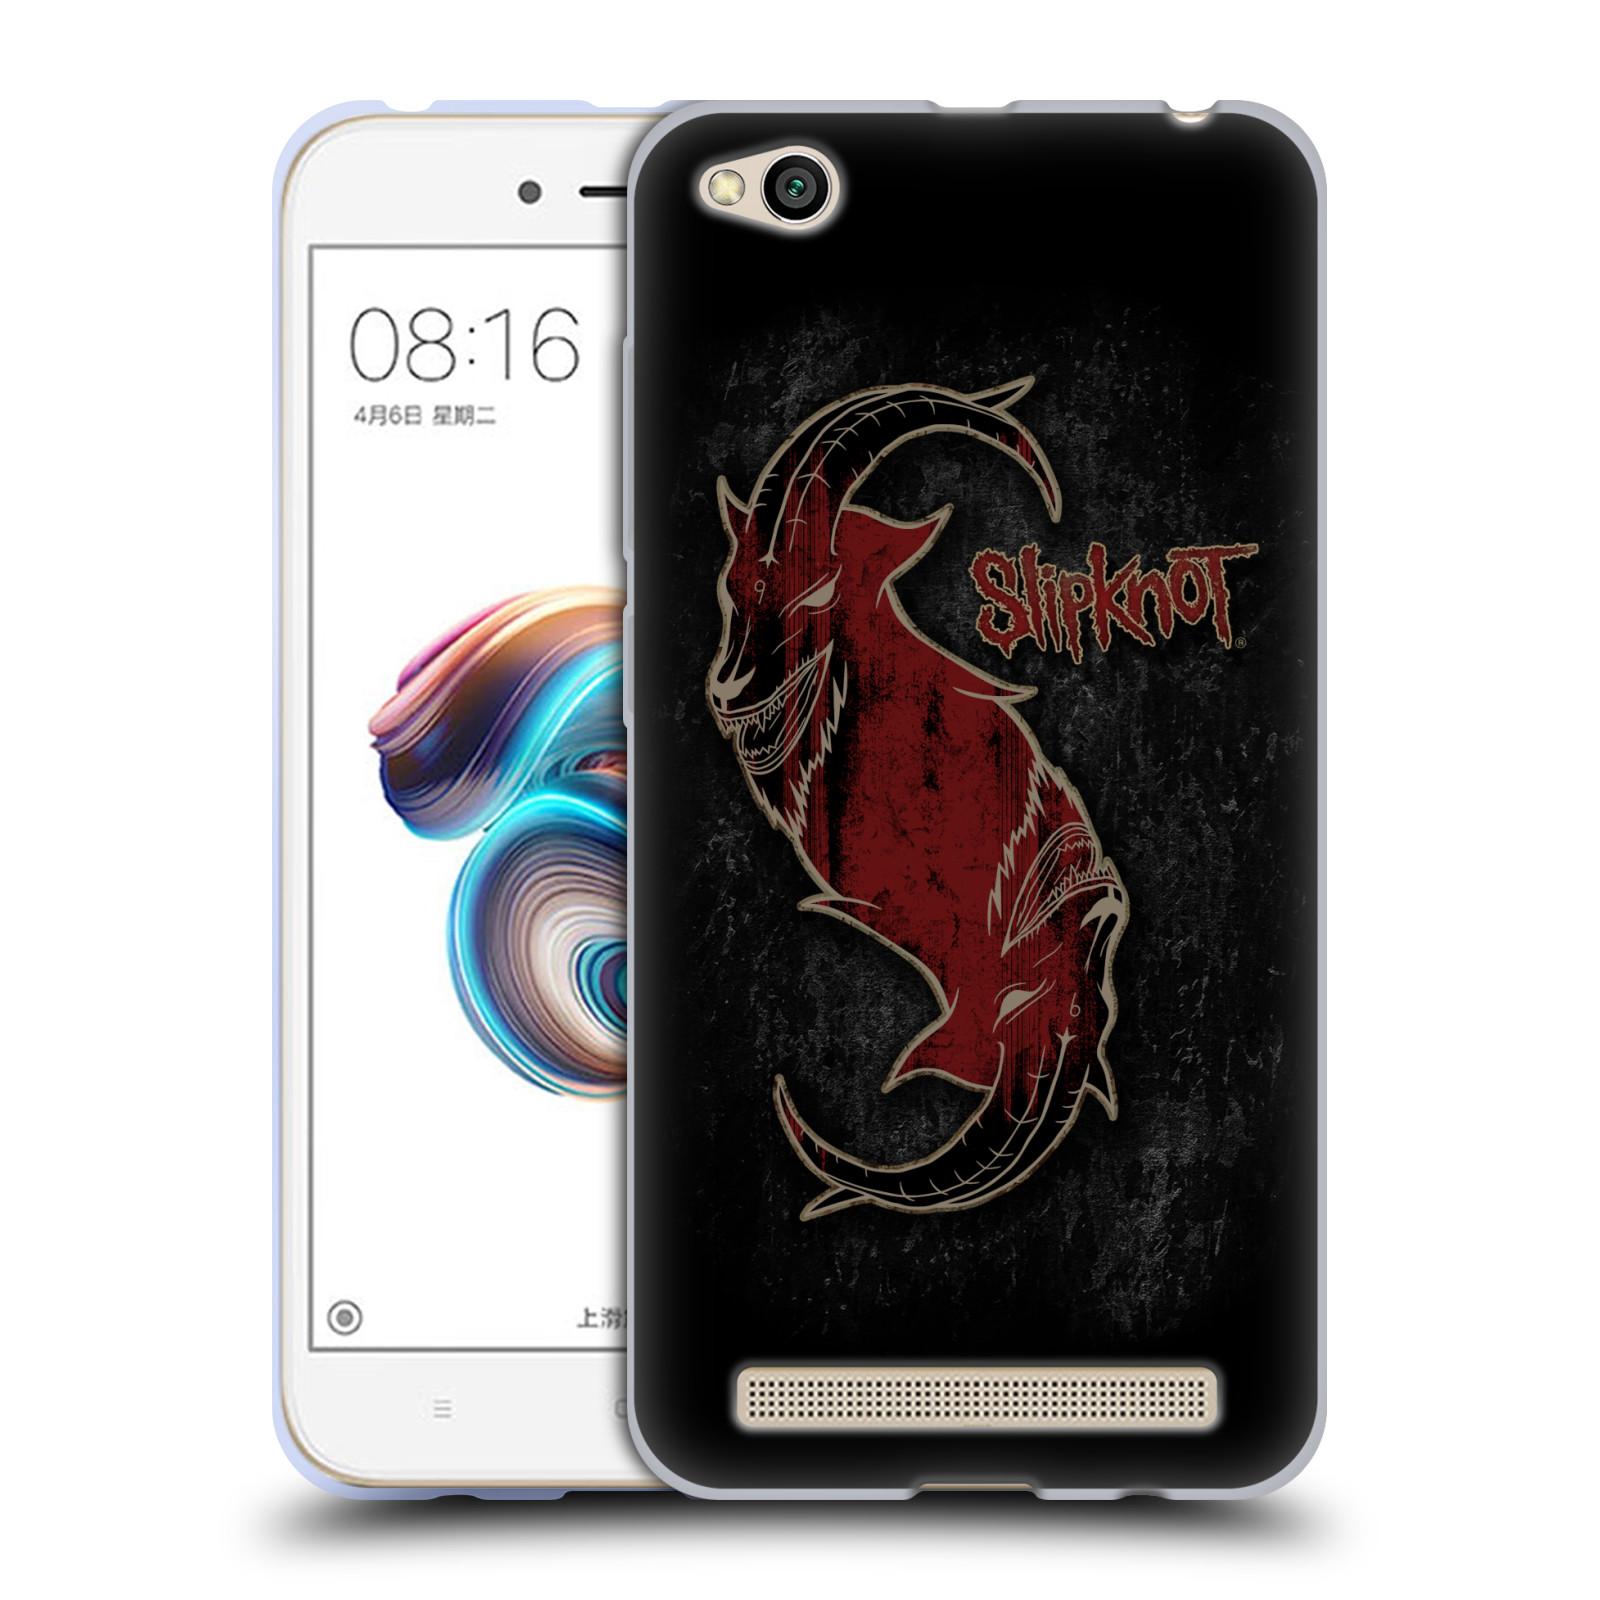 Silikonové pouzdro na mobil Xiaomi Redmi 5A - Head Case - Slipknot - Rudý kozel